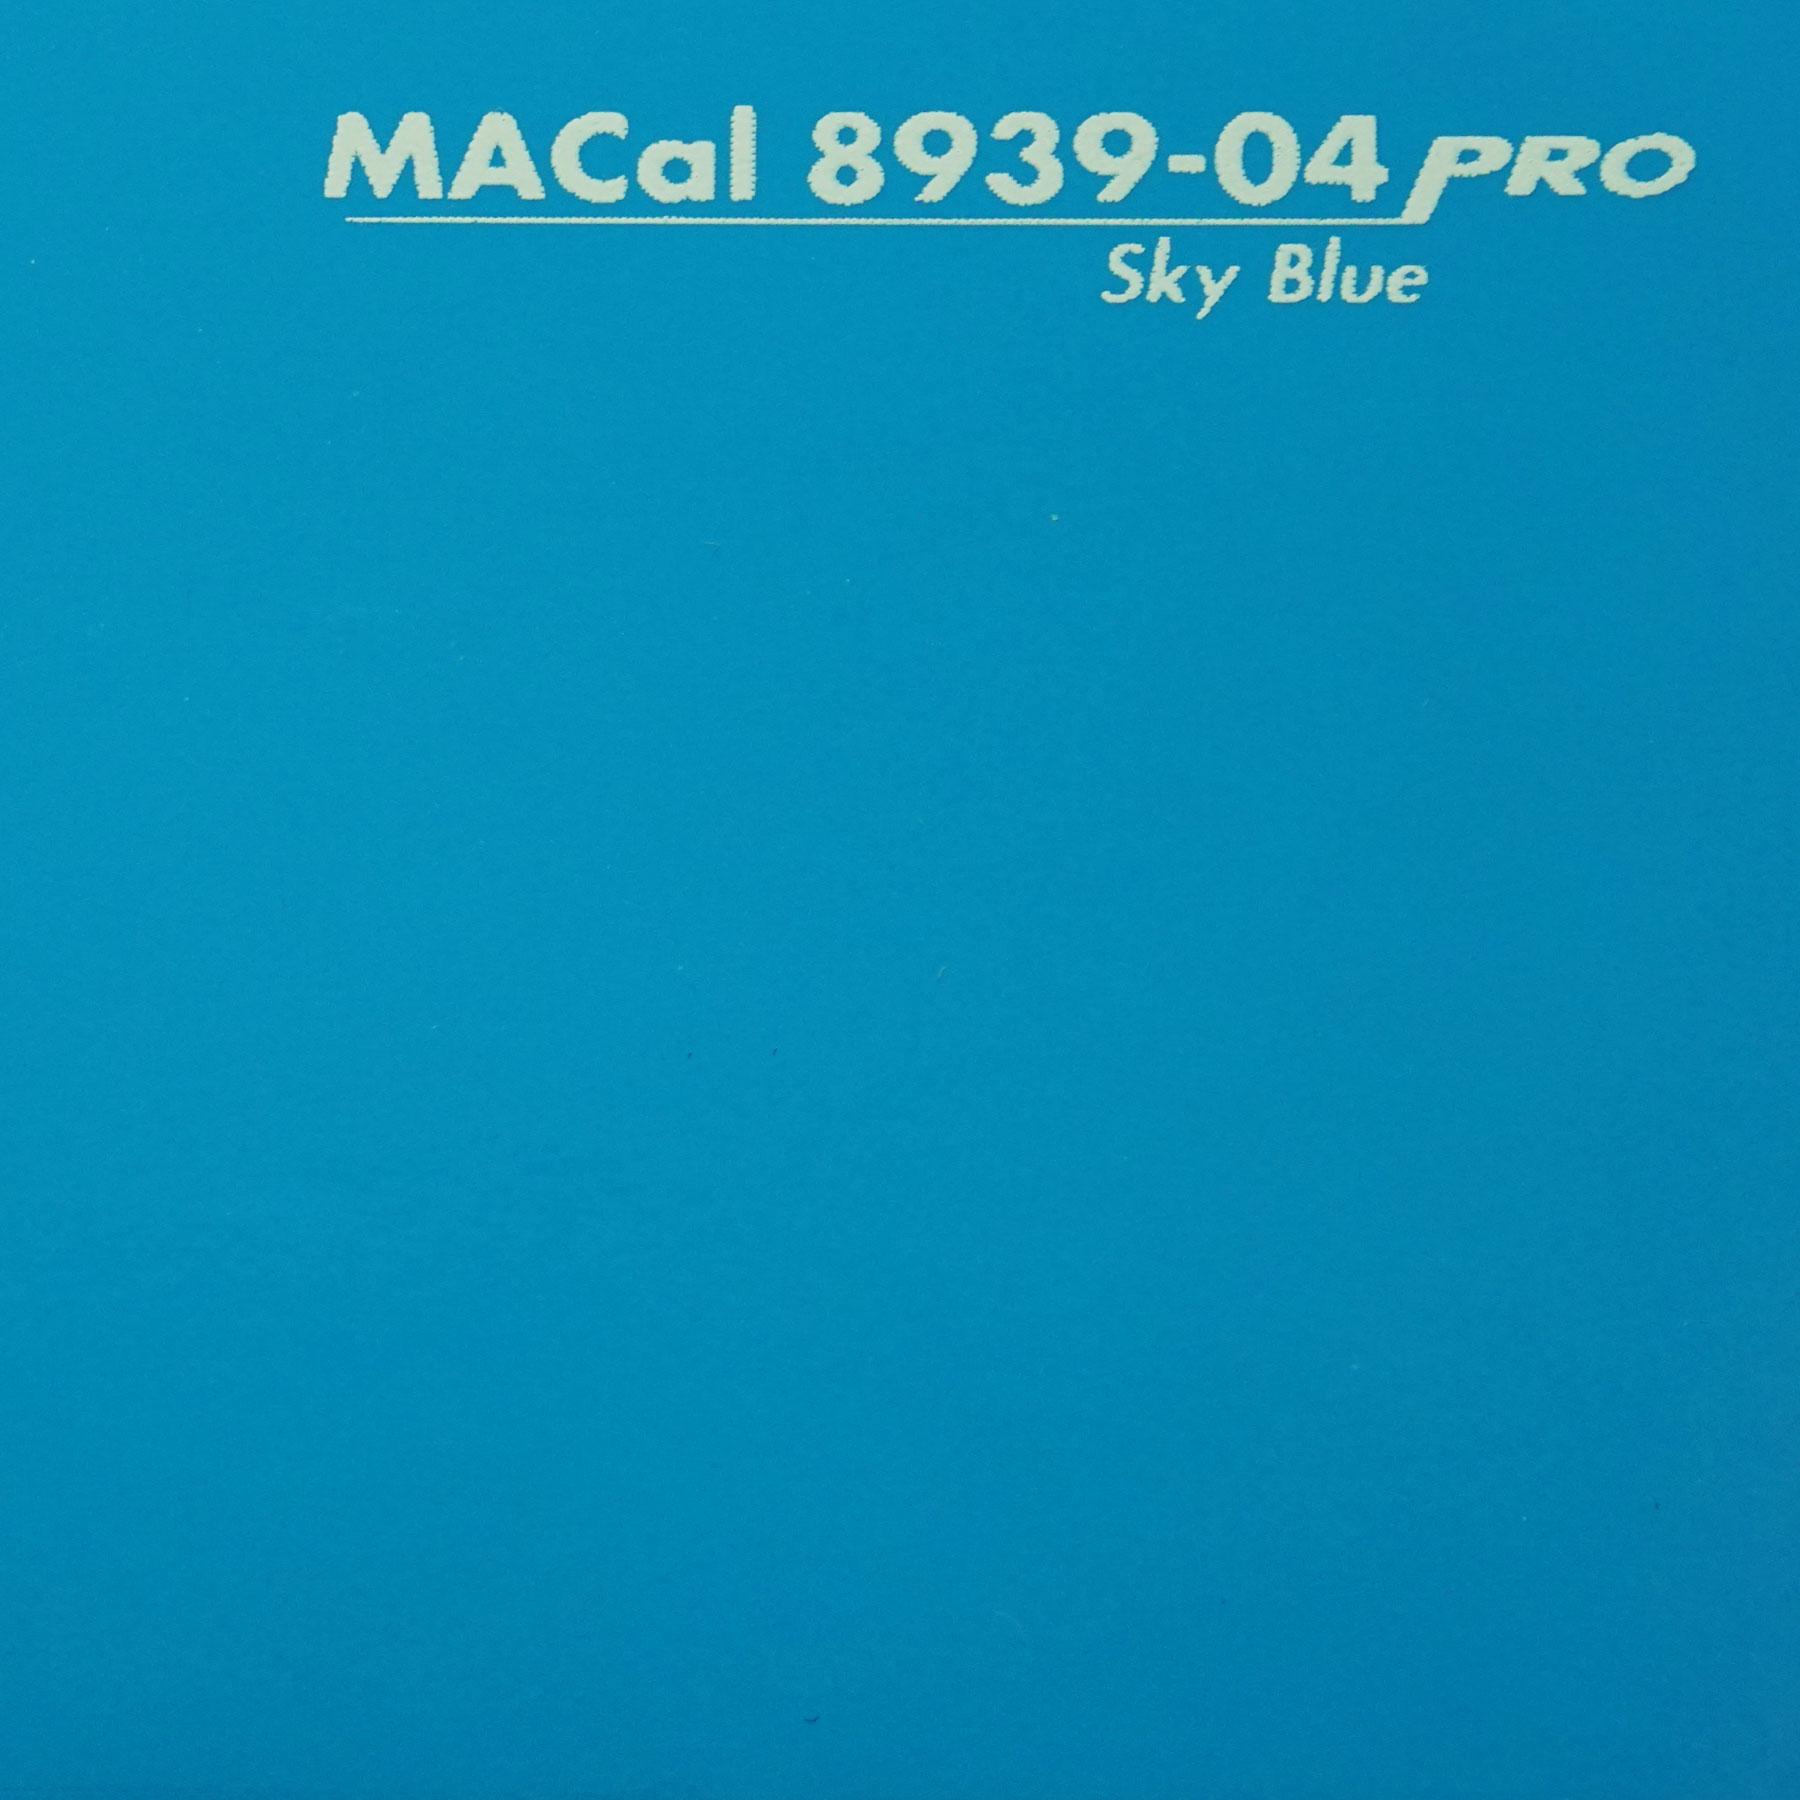 Klebefolie himmelblau gl nzend macal 8939 04 for Klebefolie wandschutzfolie